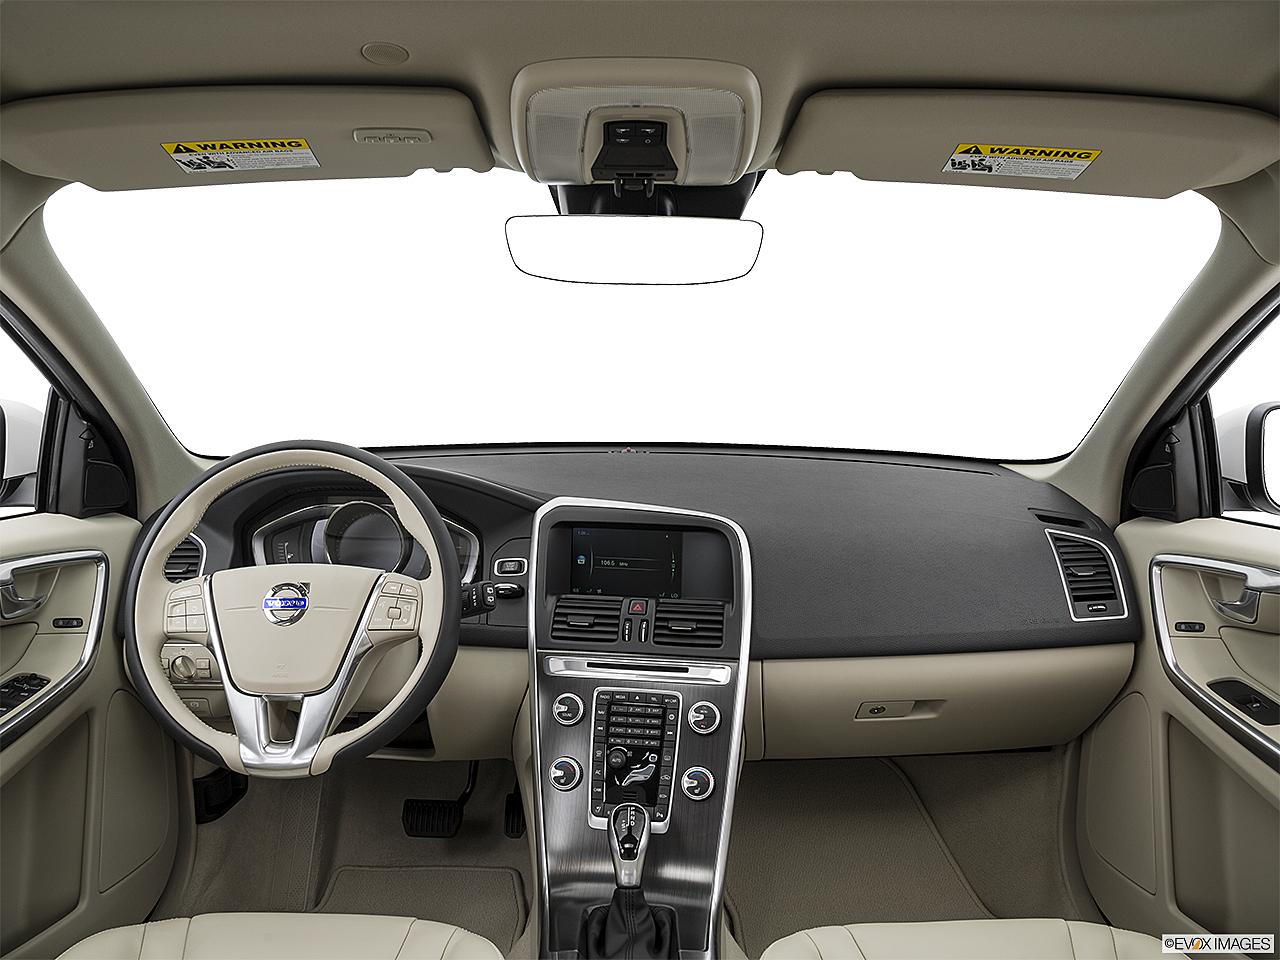 2016 Volvo Xc60 T5 Drive E Fwd Premier Centered Wide Dash Shot